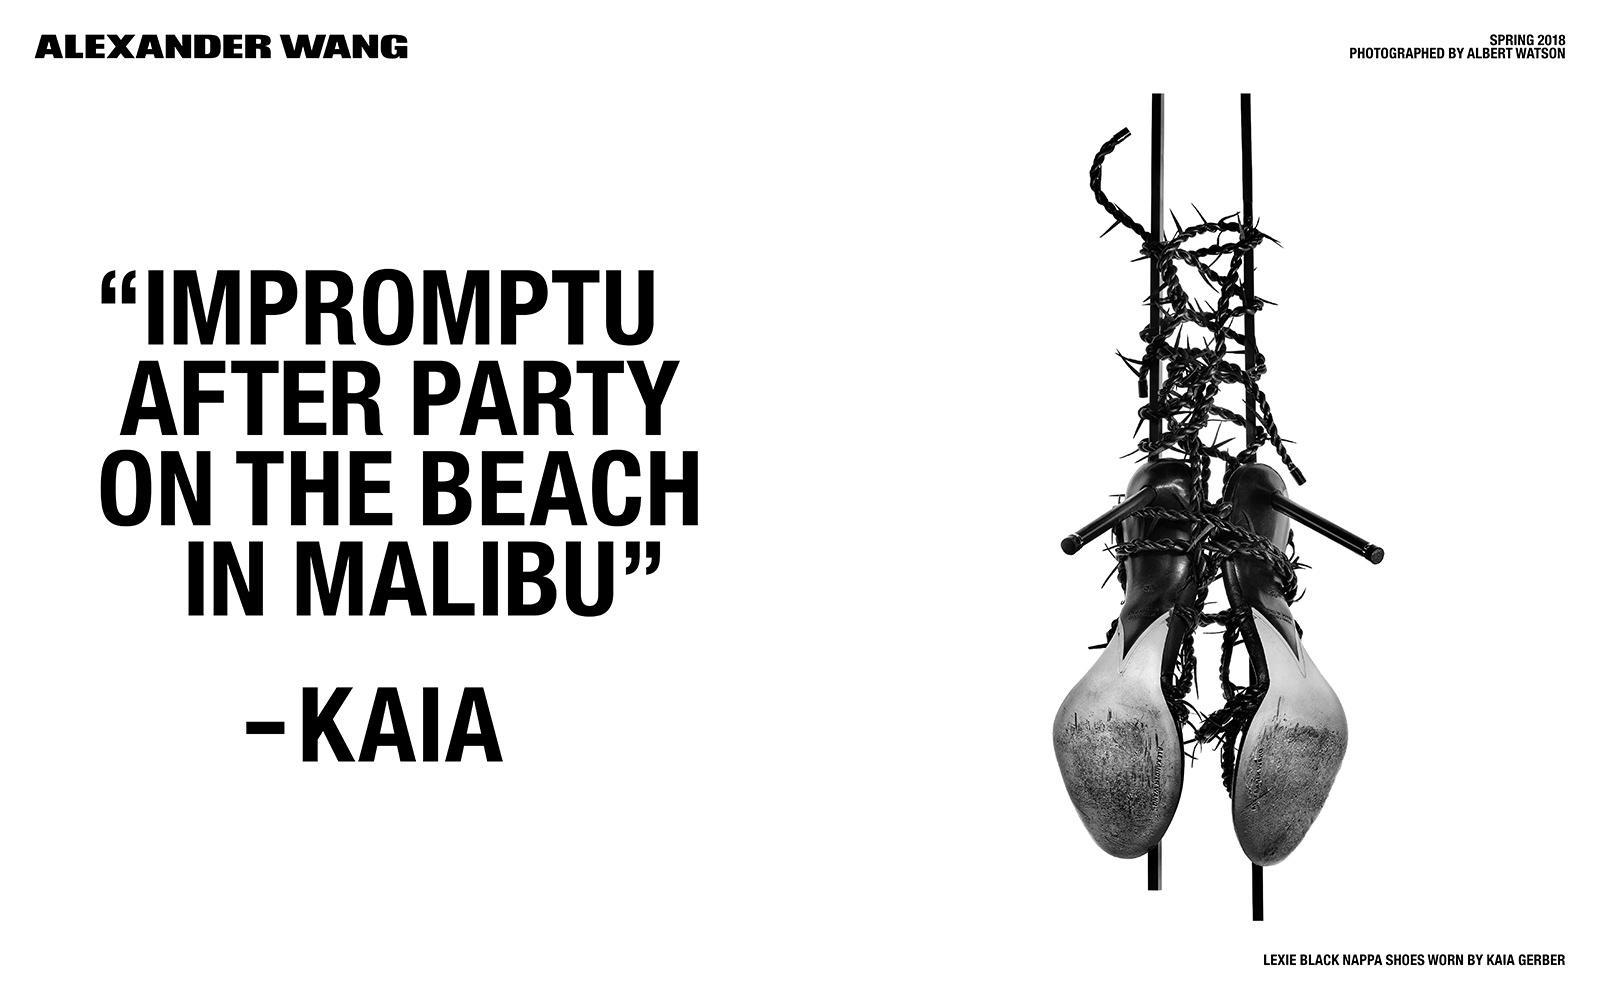 """Wiszące buty na obcasie oplecione drutem kolczastym, obok cytat """"Impropmtu after party on the beach in malibu"""" -Kaia"""